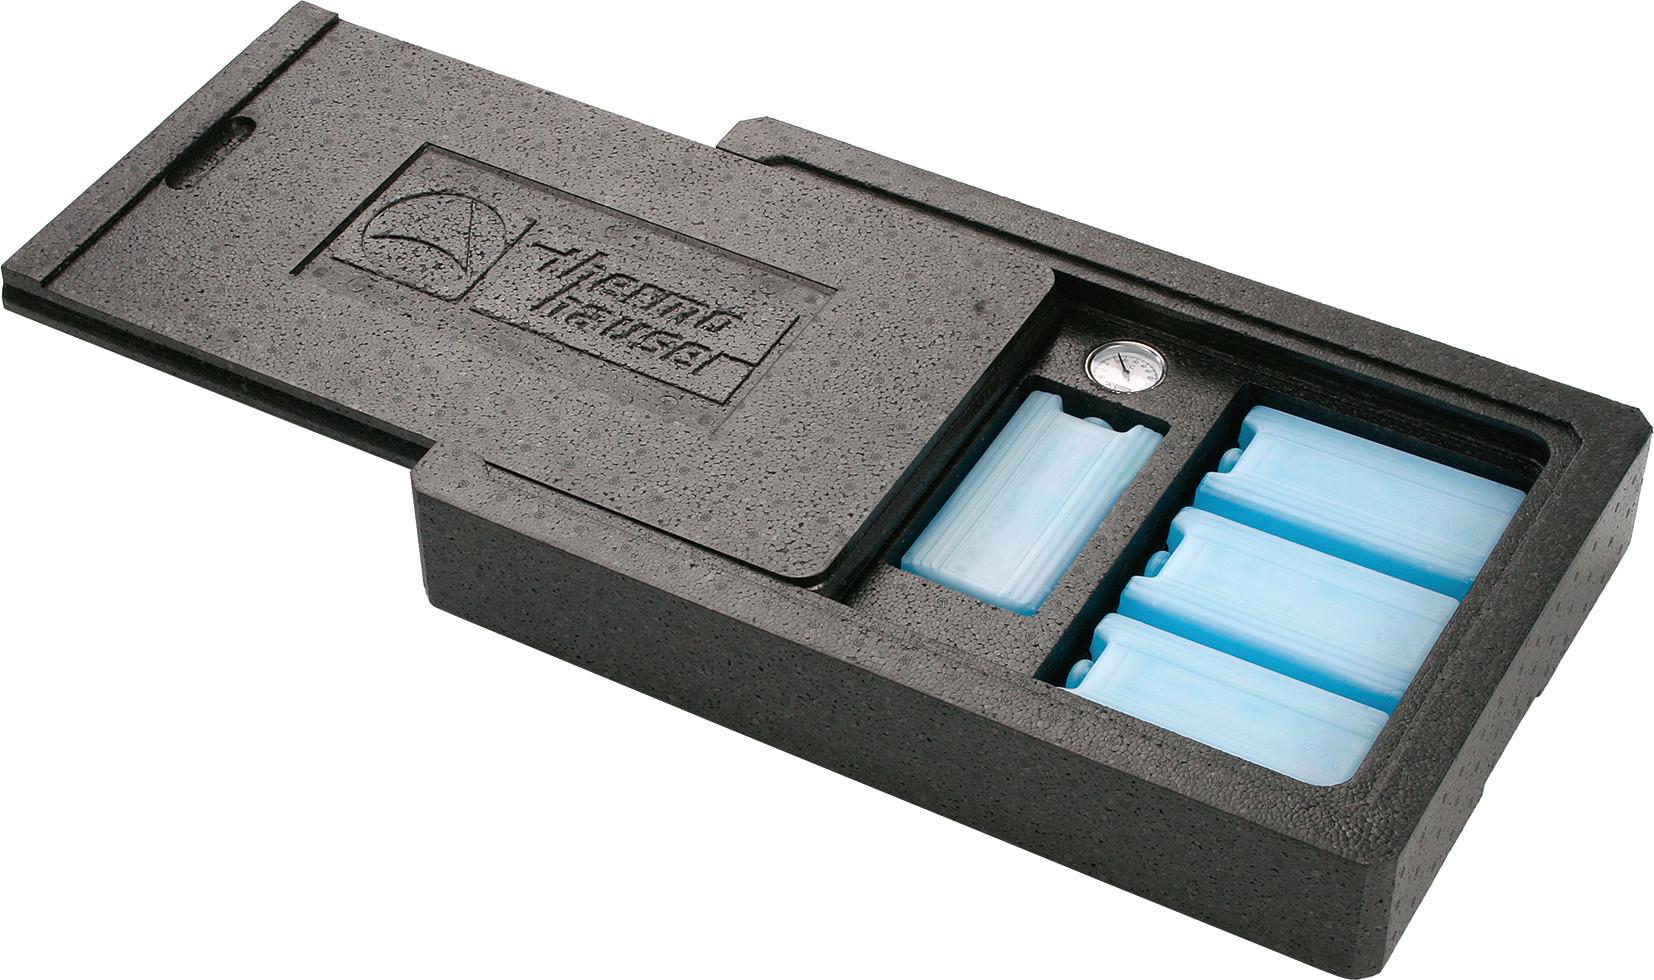 EPP-Kühldeckel GN 1/1 / 595 x 390 x 80 mm